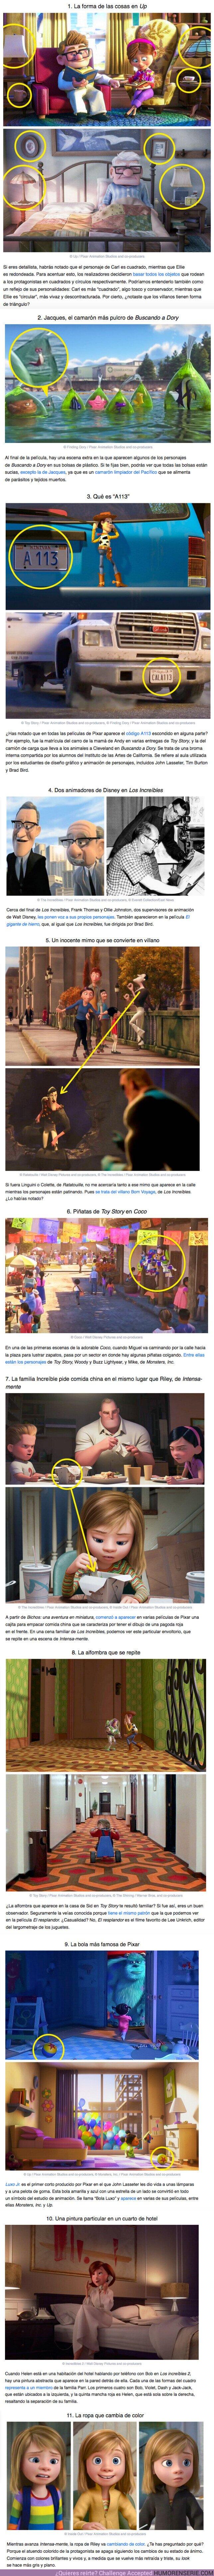 60937 - GALERÍA: 11 Detalles en las películas de Pixar que casi nadie notó en lo absoluto